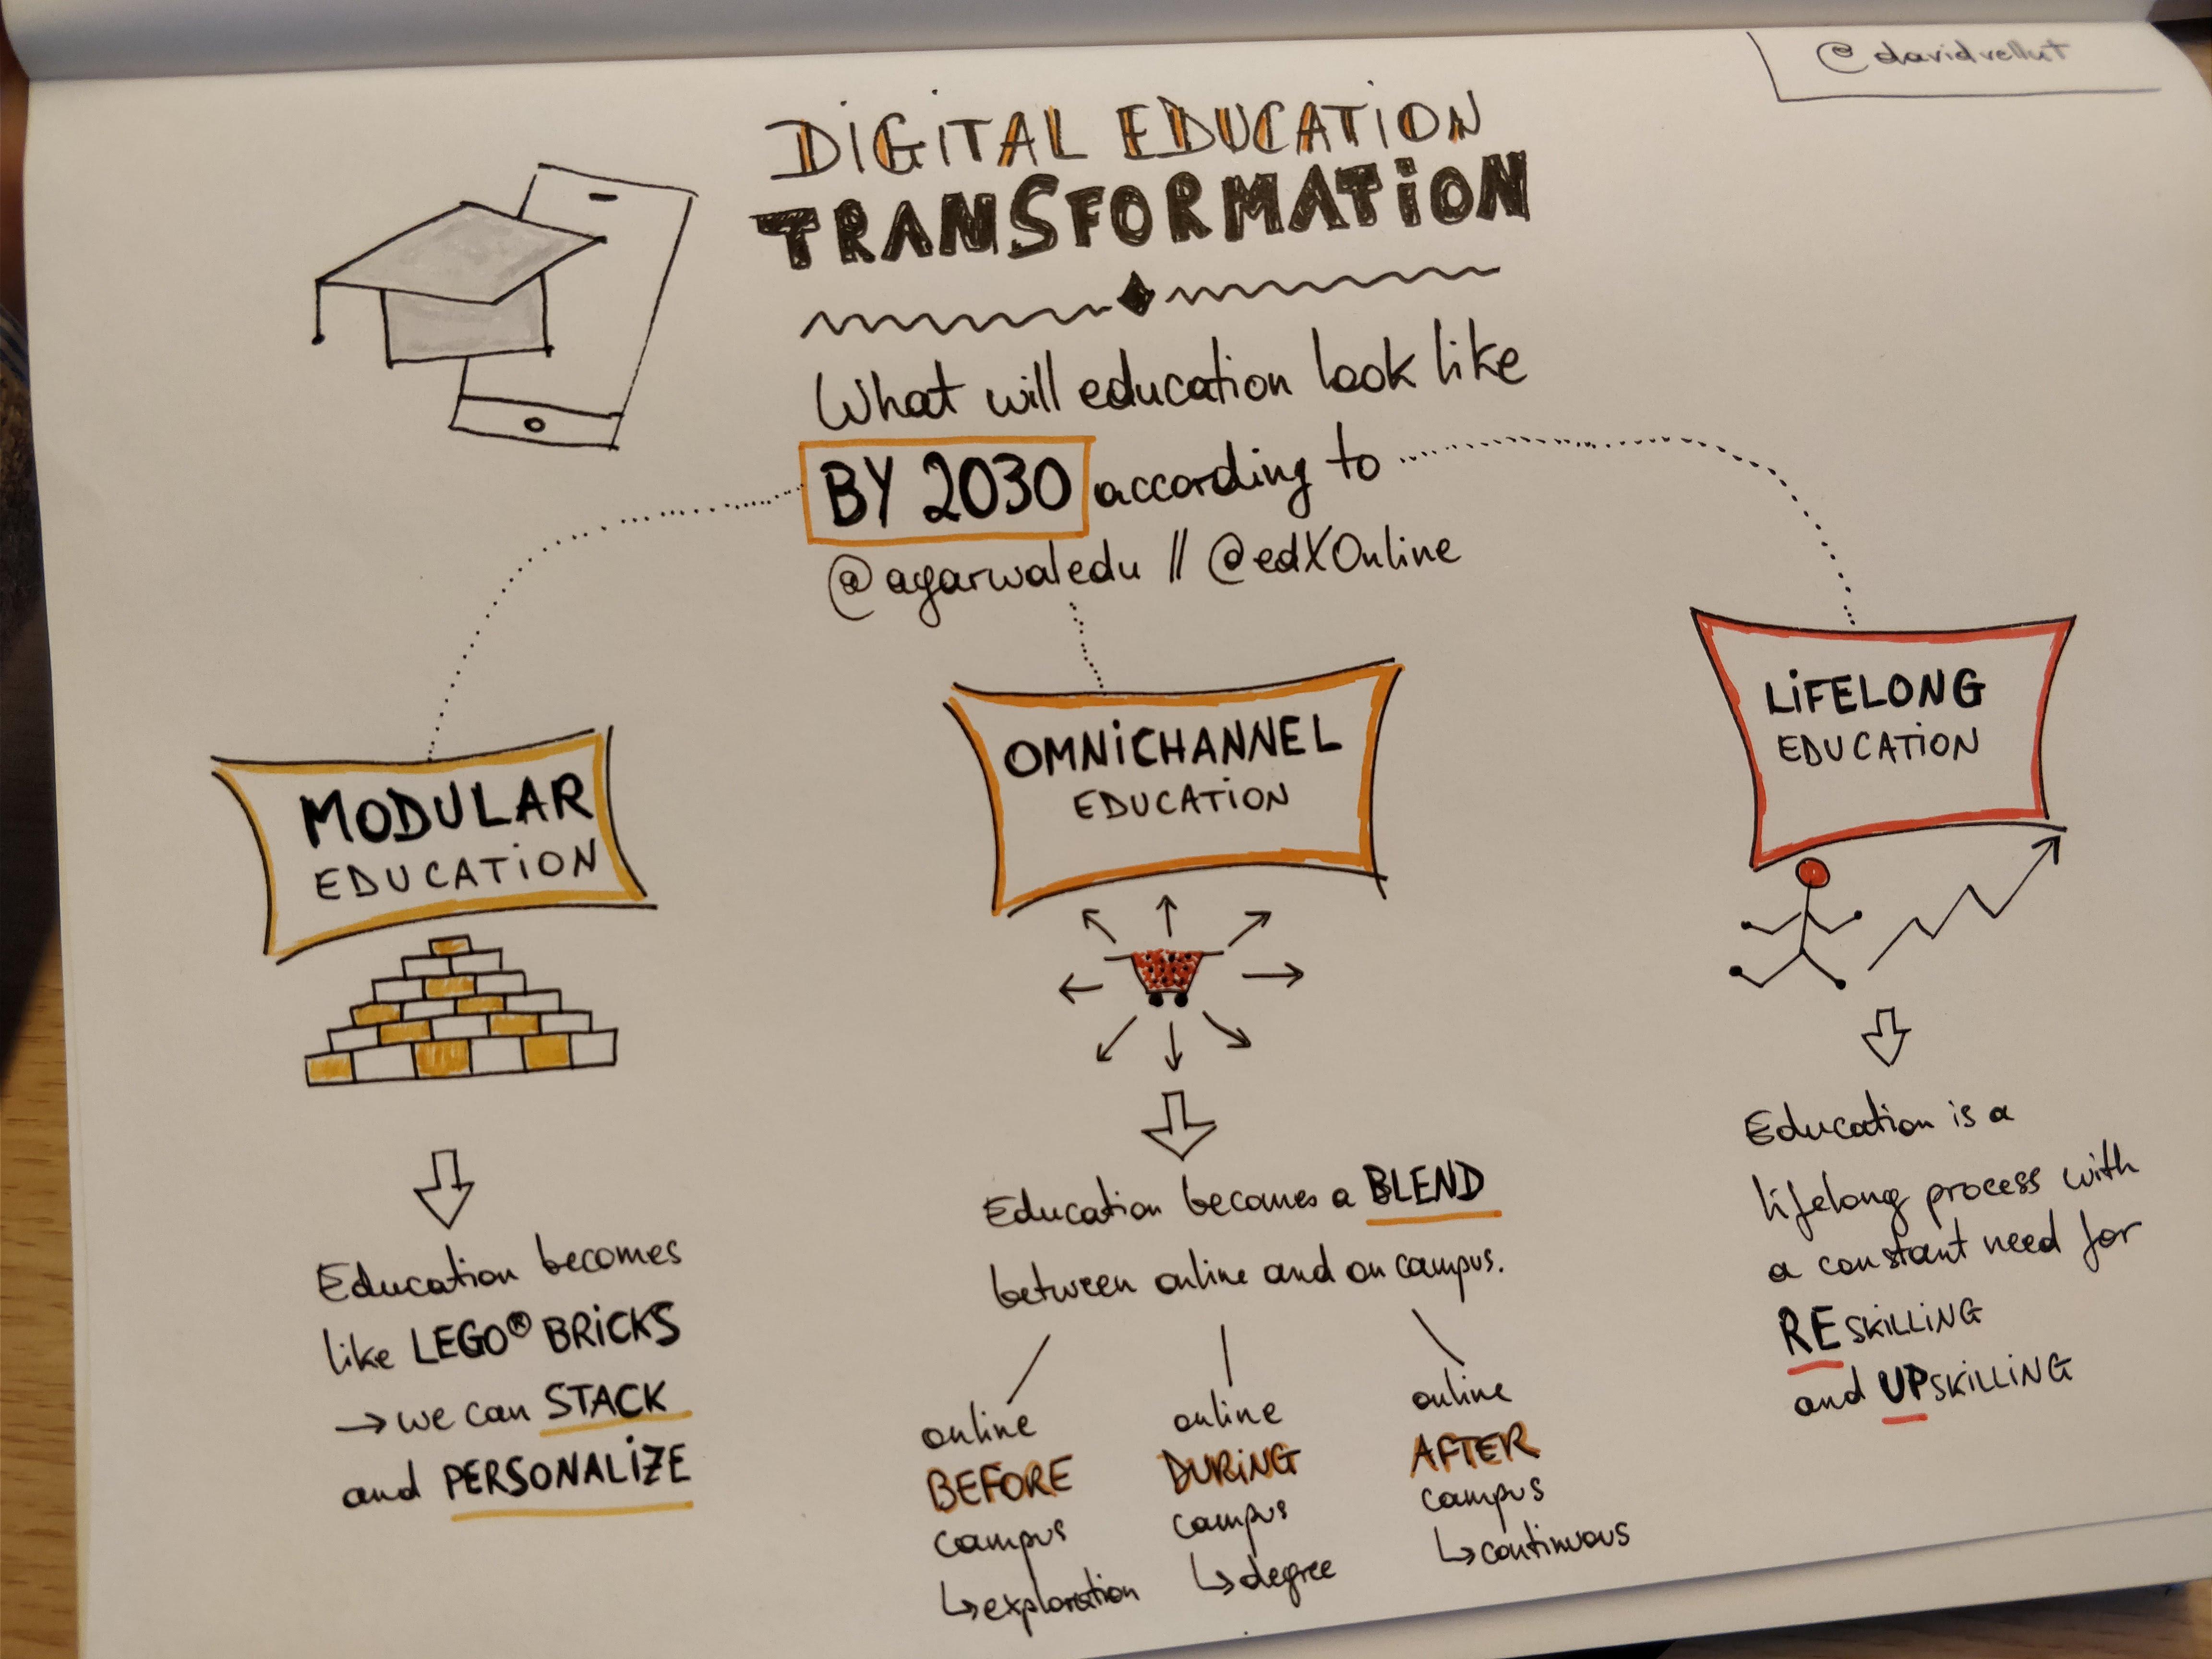 Digital Education Transformation – Anant Agarwal edX